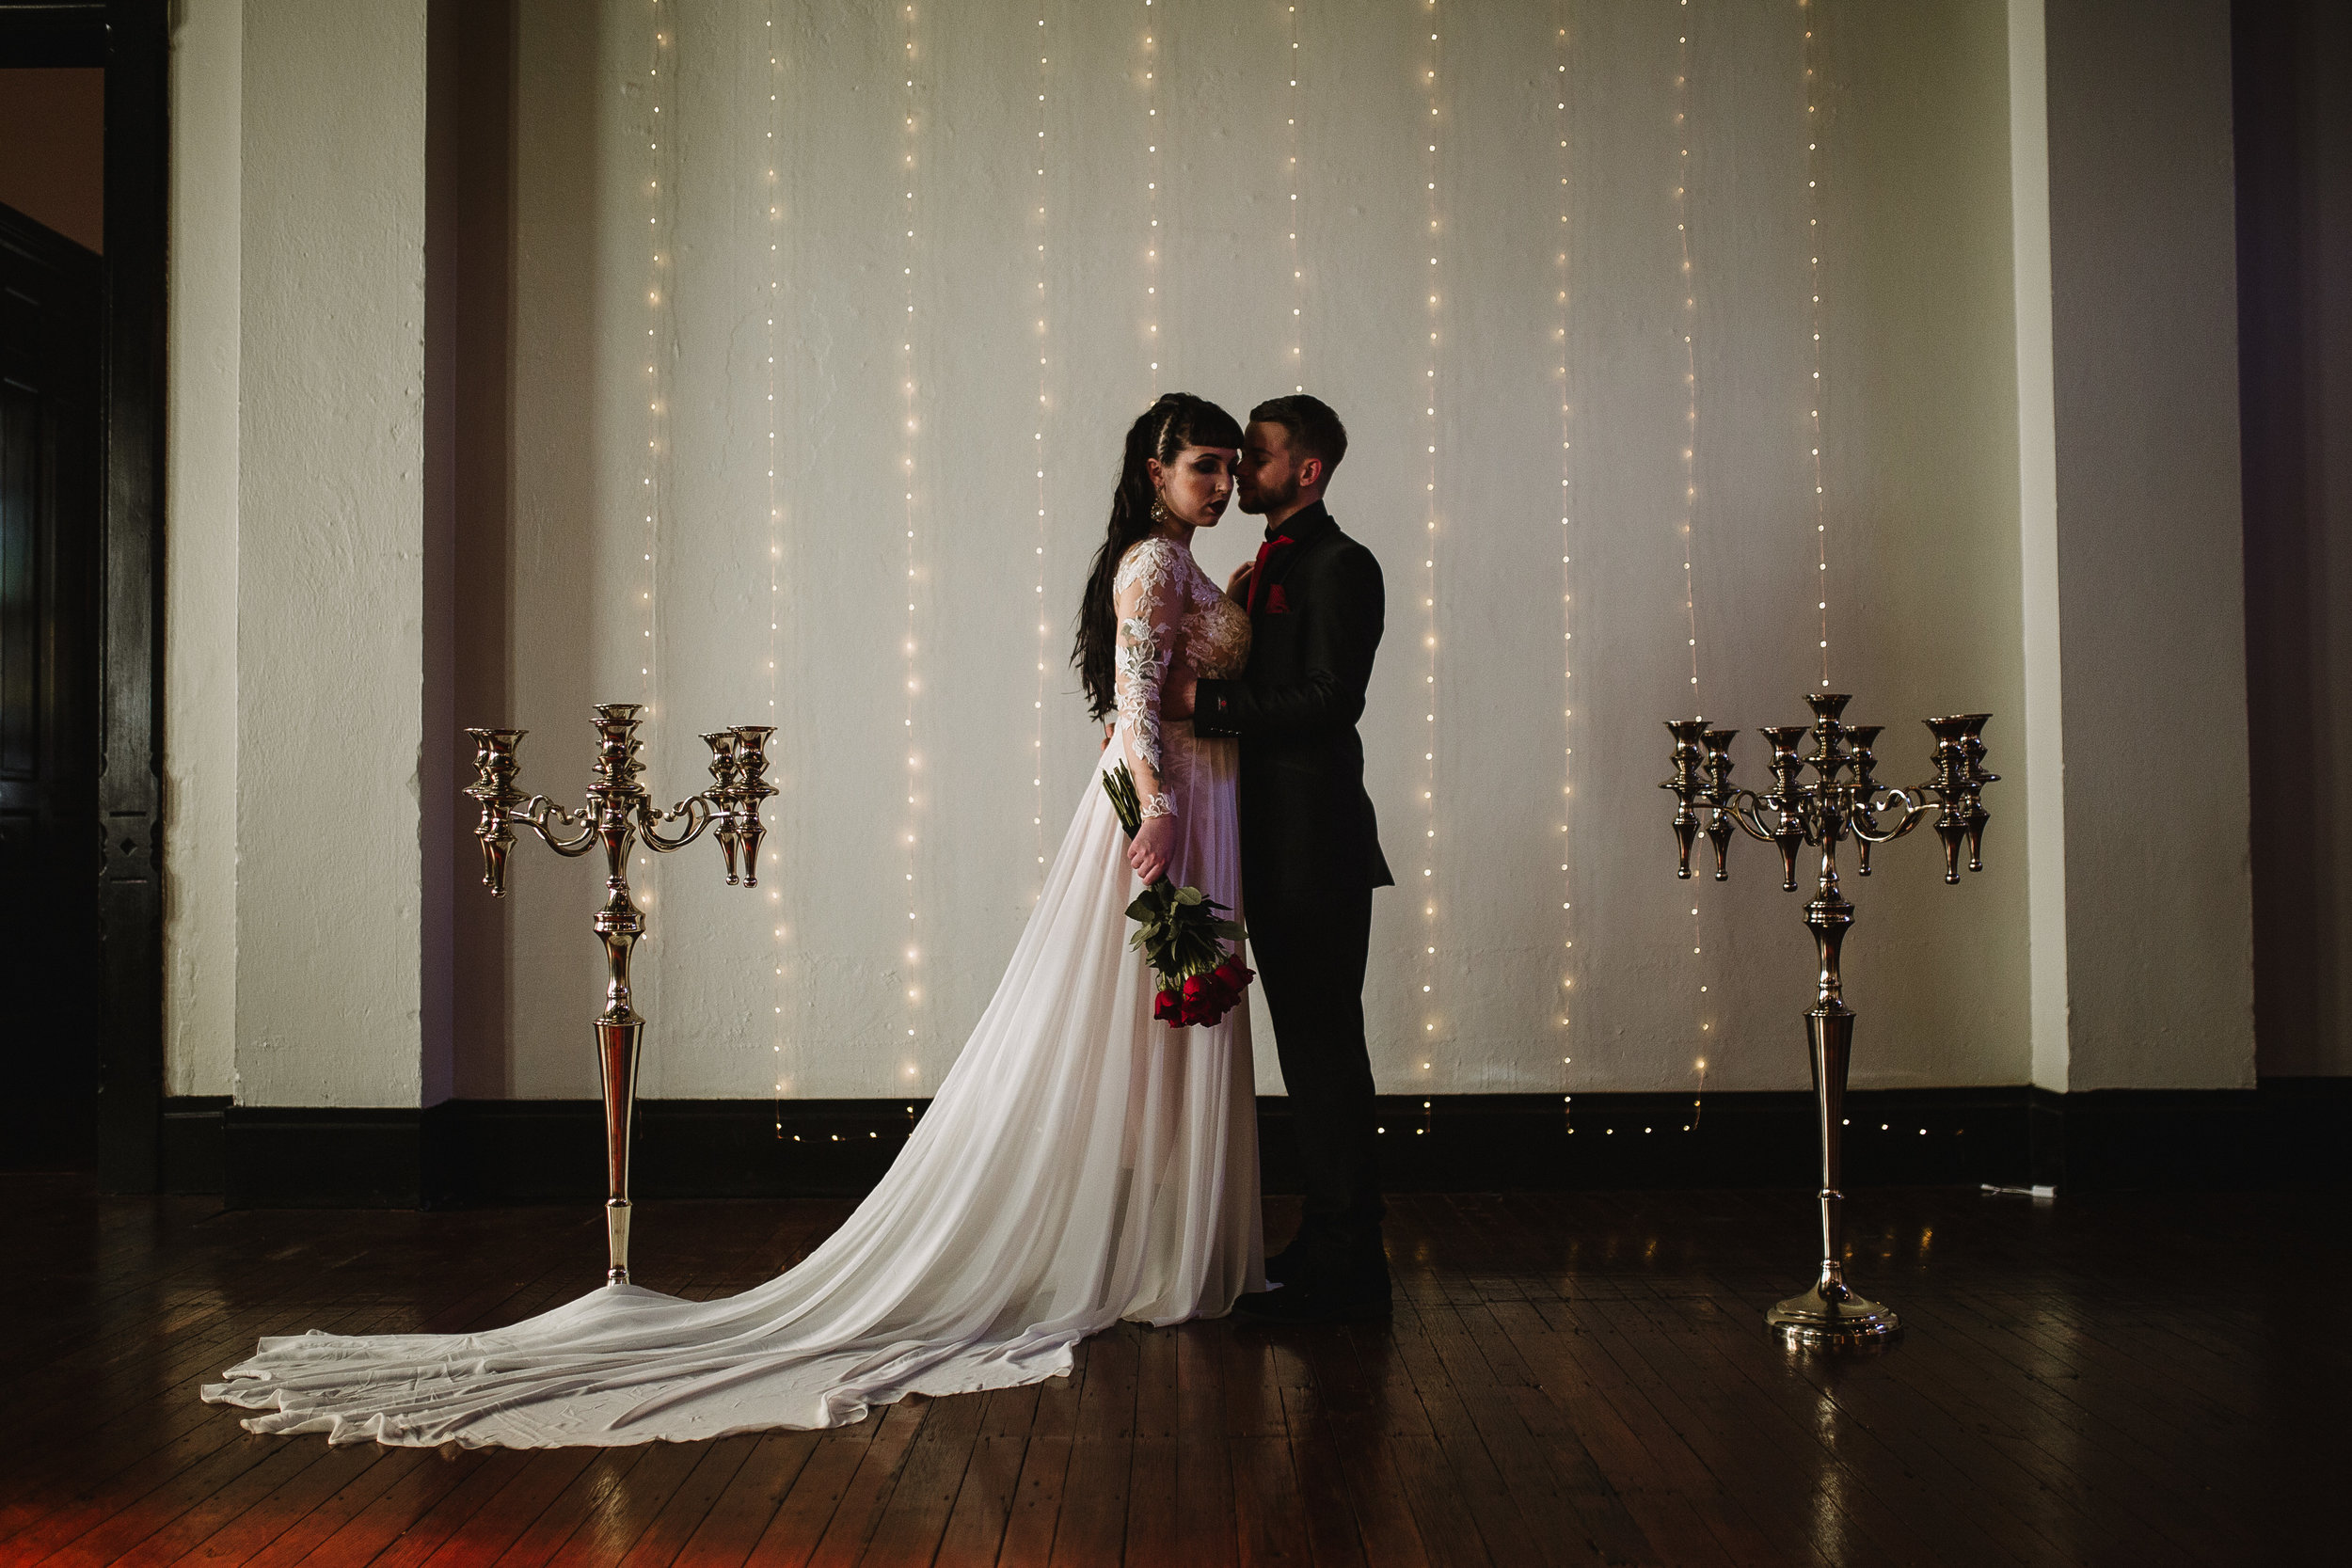 PUNK-WEDDING-PATTERNMAGAZINE-REAGANLYNNPHOTOGRAPHY-INDIANAPOLIS-INDIANA-6.jpg